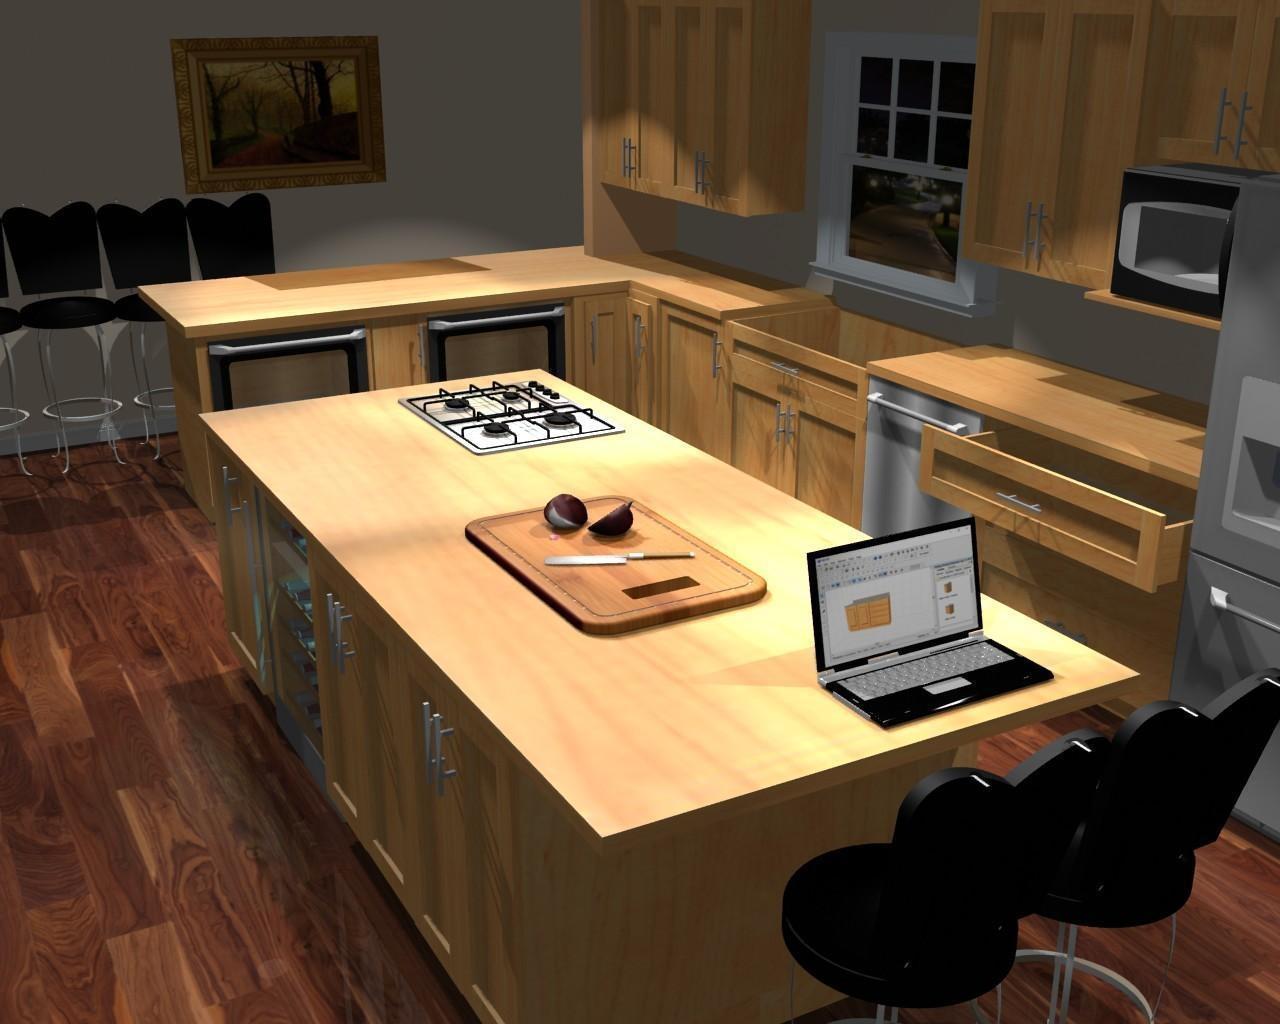 Free Easy Kitchen Design Software